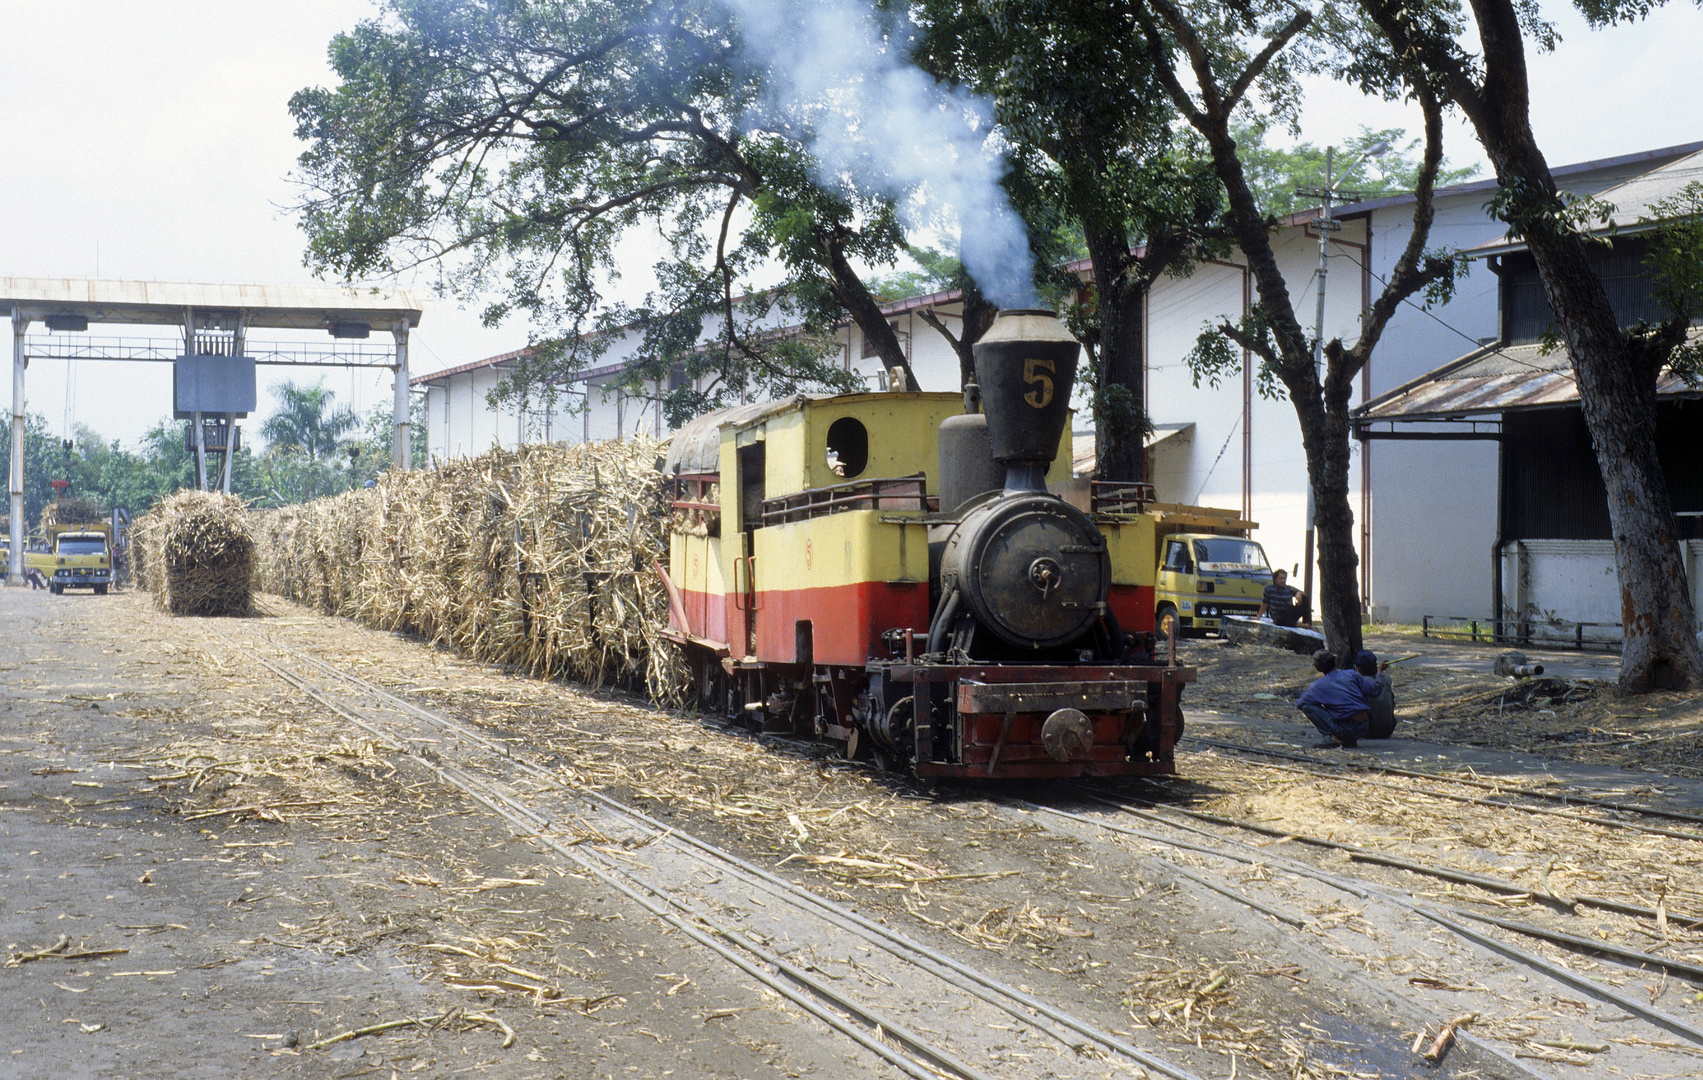 Zuckerfabrik PG Merican, Kediri (Java, Indonesien), August 2000